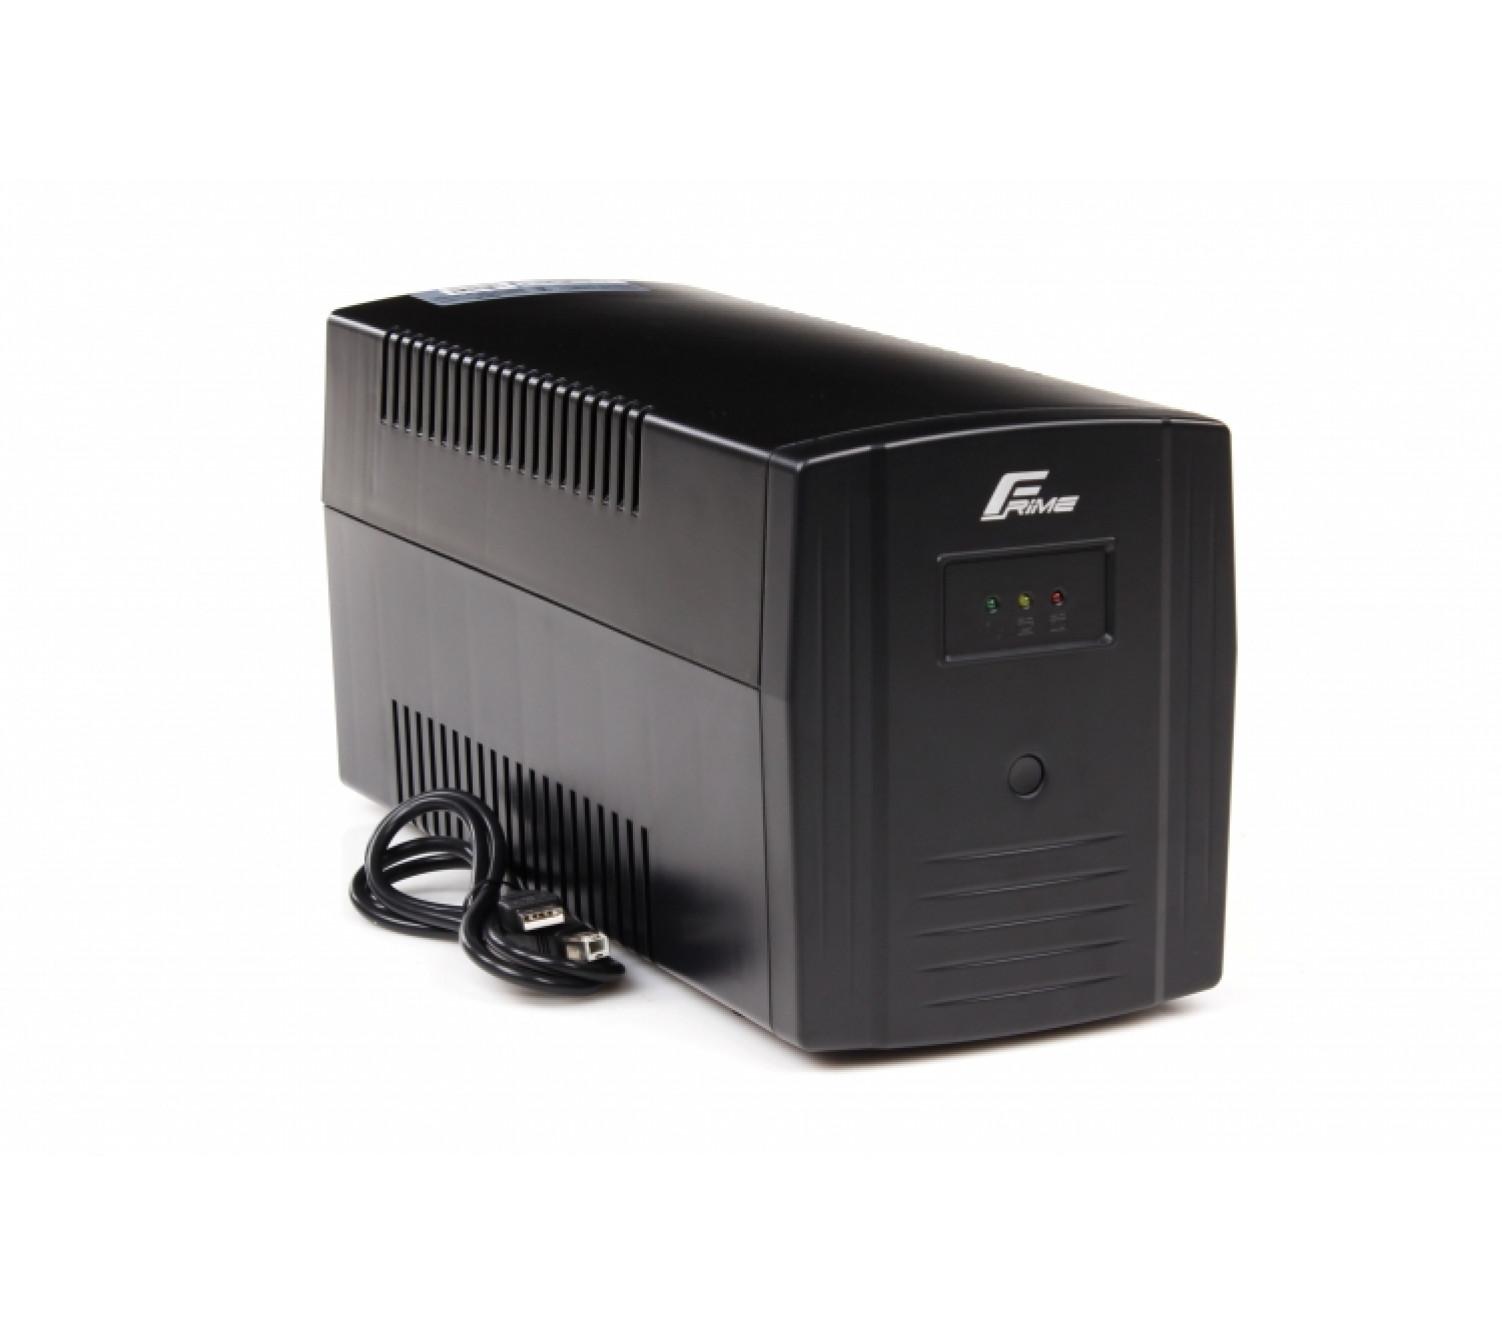 ИБП Frime Standart 1500VA USB